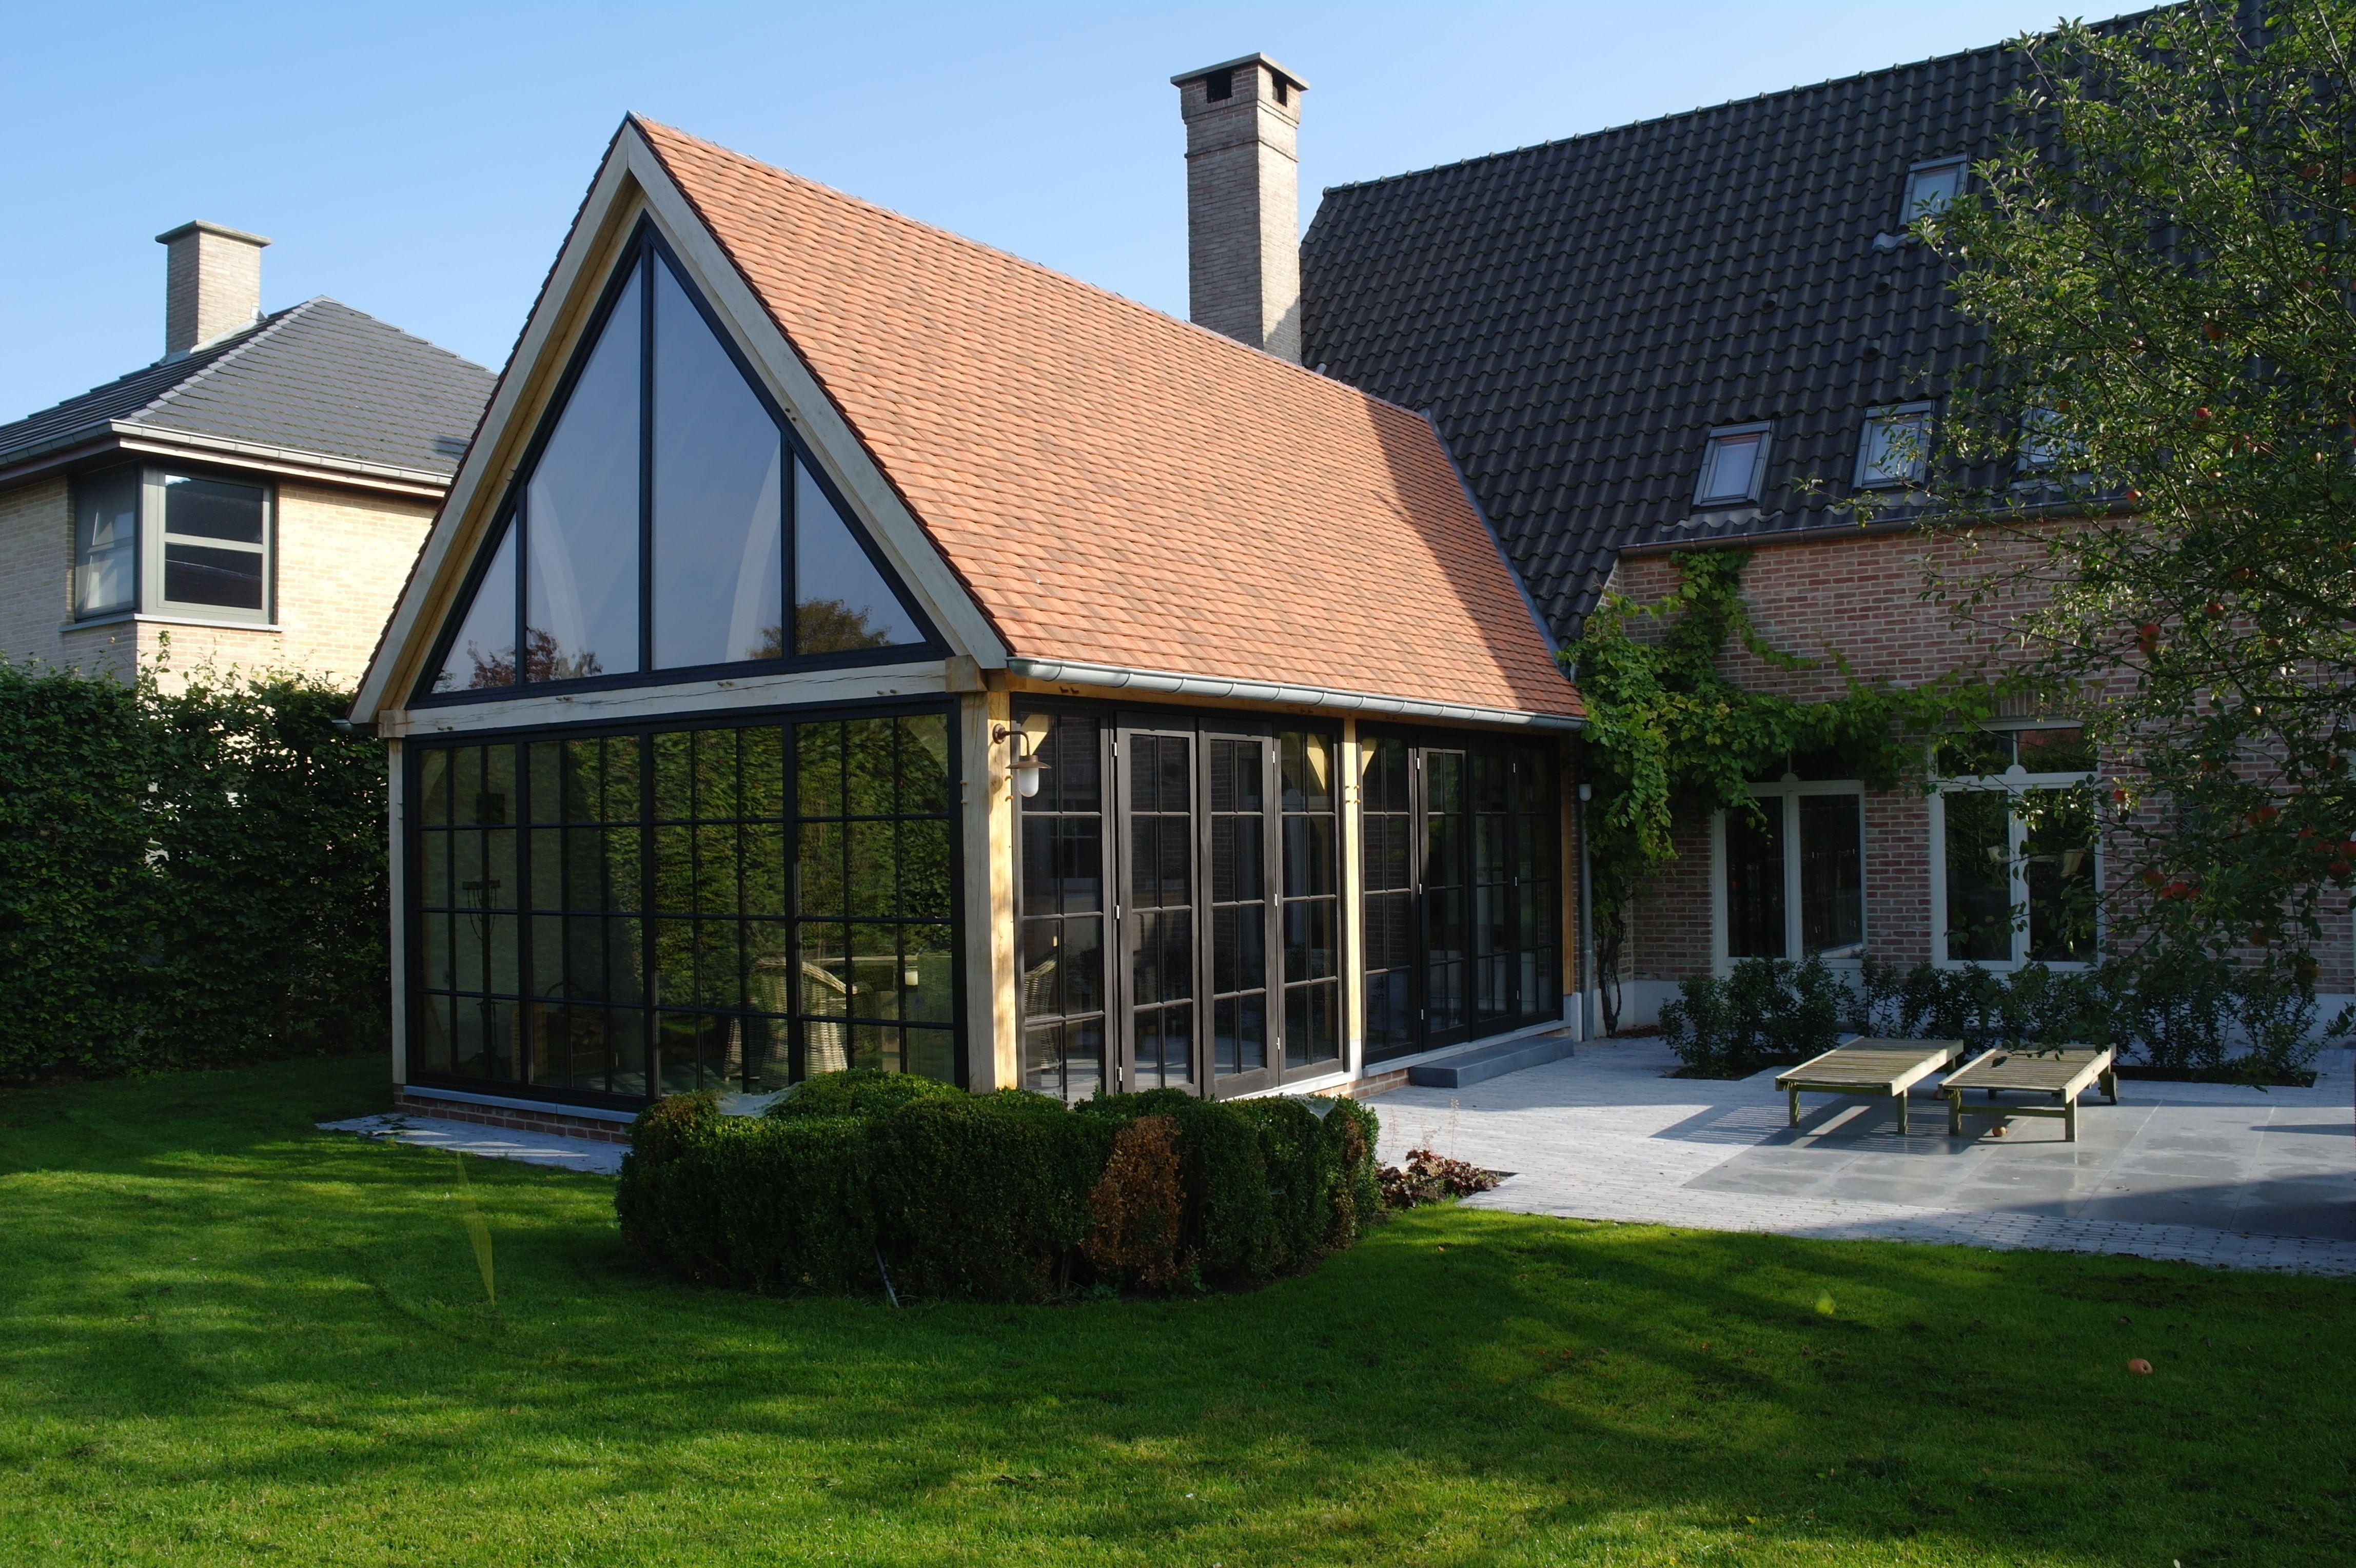 Eiken aanbouw als uitbreiding van de woonkamer the garden house pinterest woods and van - Uitbreiding huis glas ...